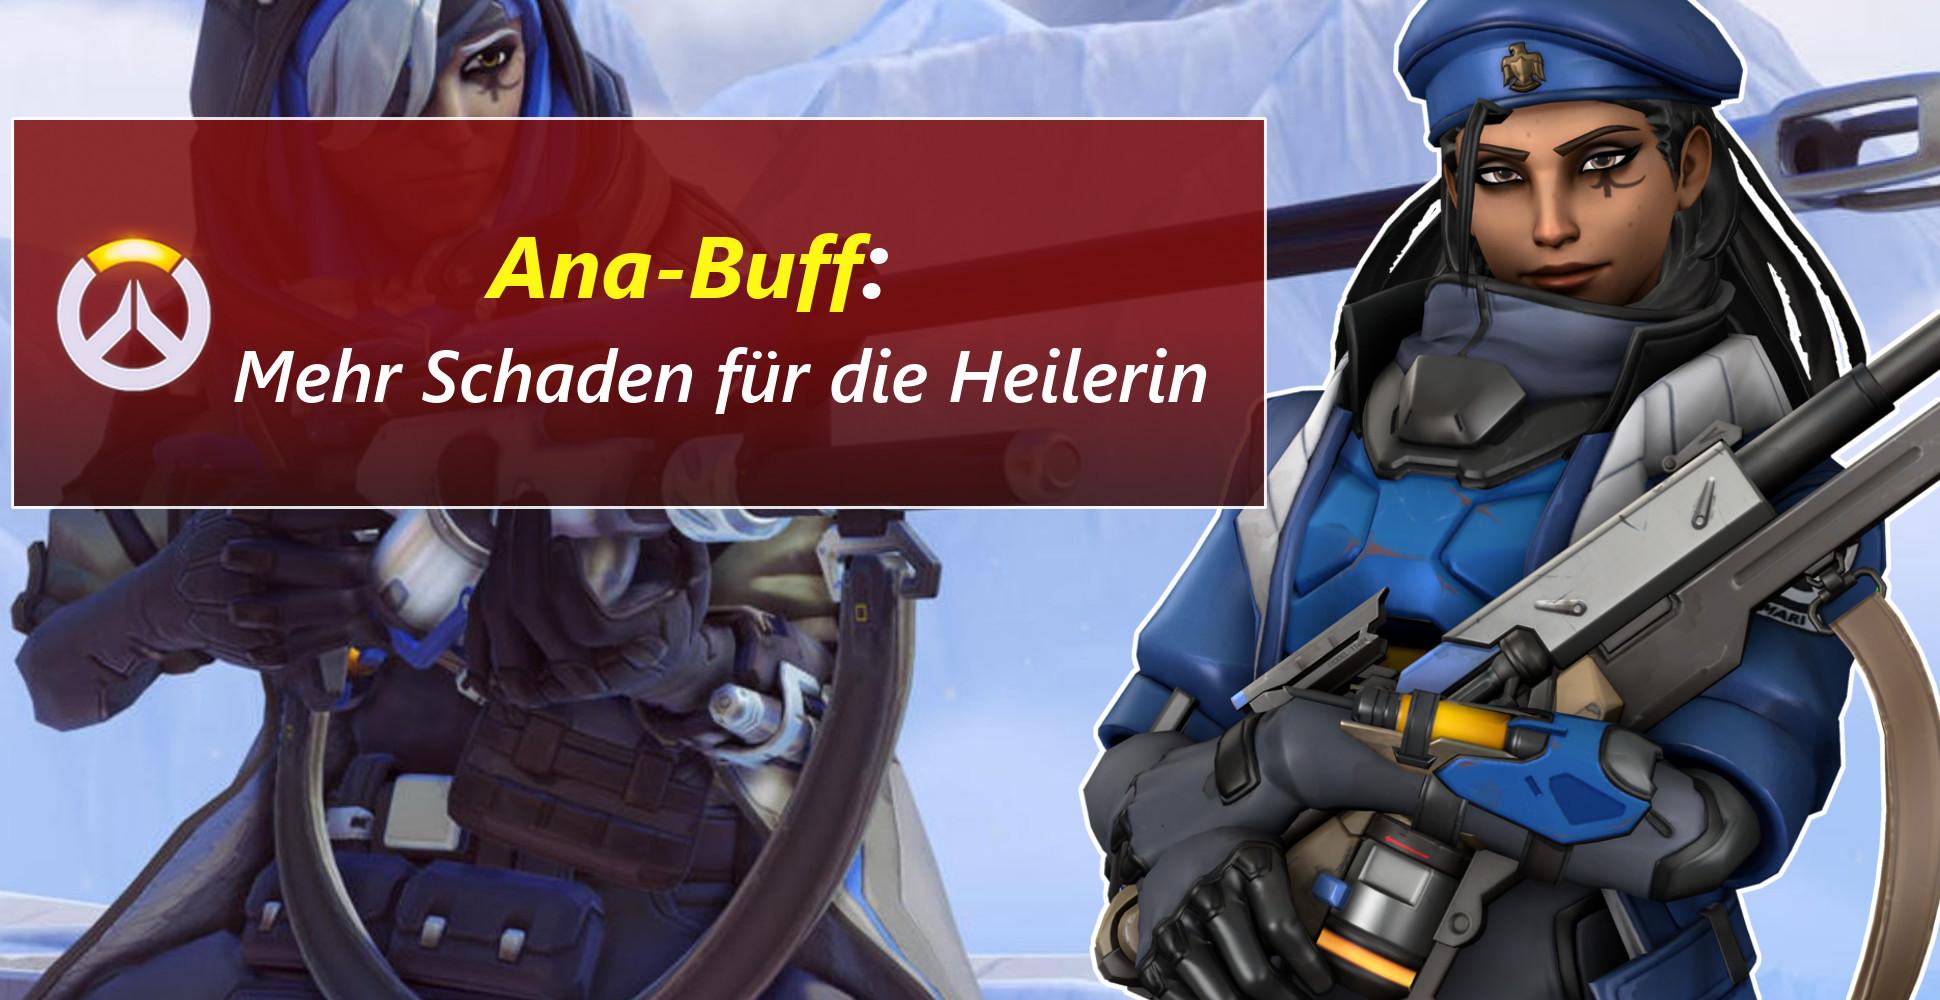 Overwatch: Neuer Mercy-Nerf, dafür mehr Ana-Schaden